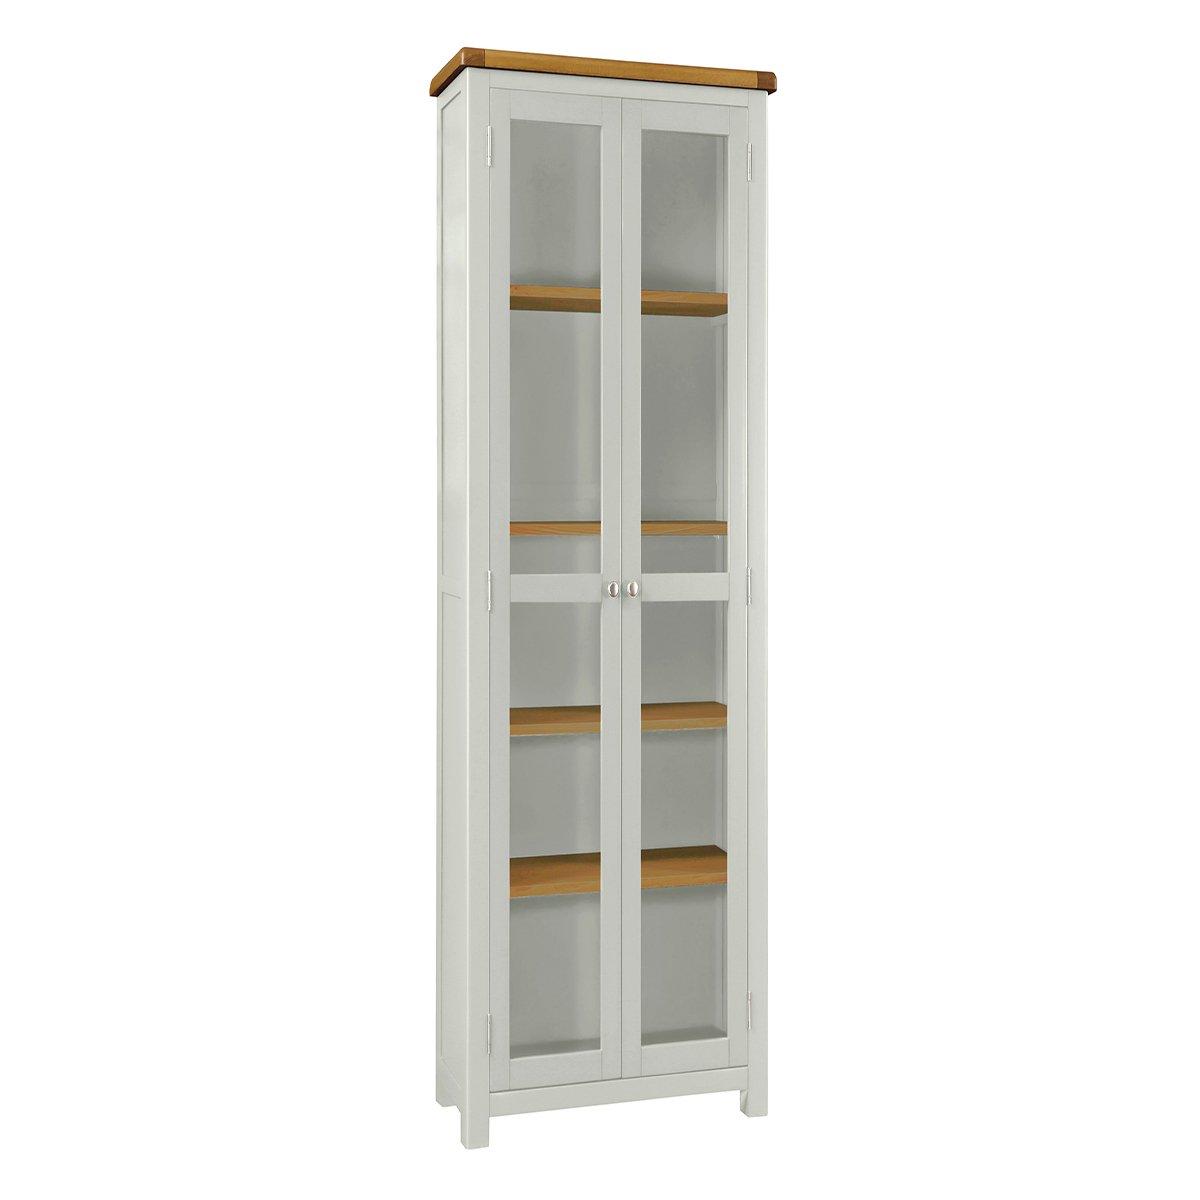 Habitat Kent 2 Door Glass Display Cabinet - Oak and Cream